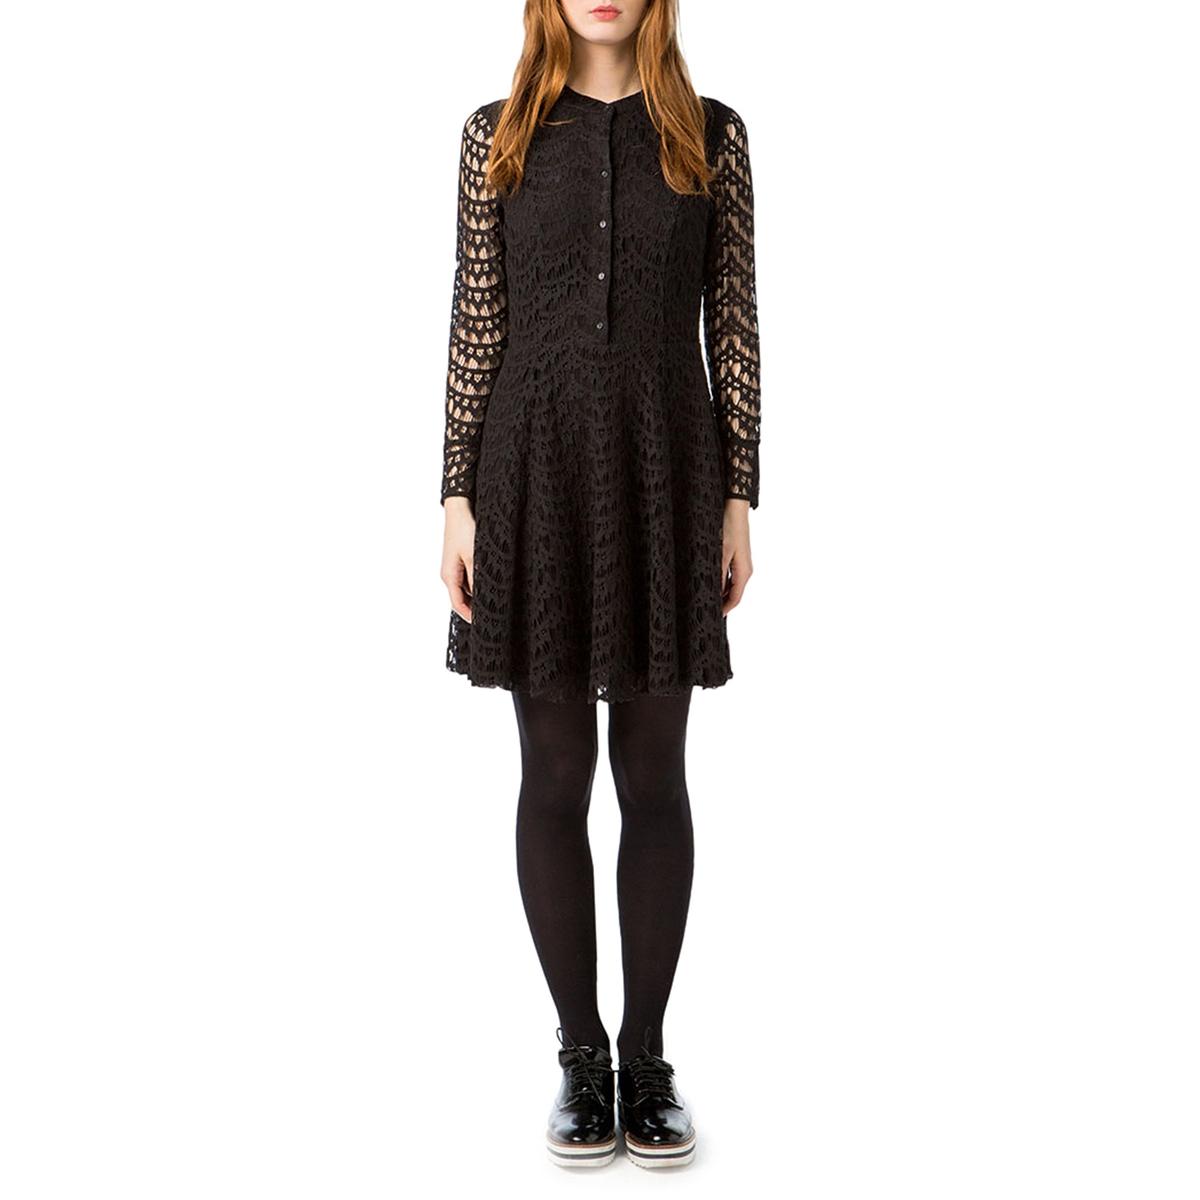 Платье короткое с длинными рукавамиДетали •  Форма : расклешенная •  короткое  •  Длинные рукава     •  Круглый вырезСостав и уход •  100% полиэстер  •  Следуйте советам по уходу, указанным на этикетке<br><br>Цвет: черный<br>Размер: 36 (FR) - 42 (RUS)